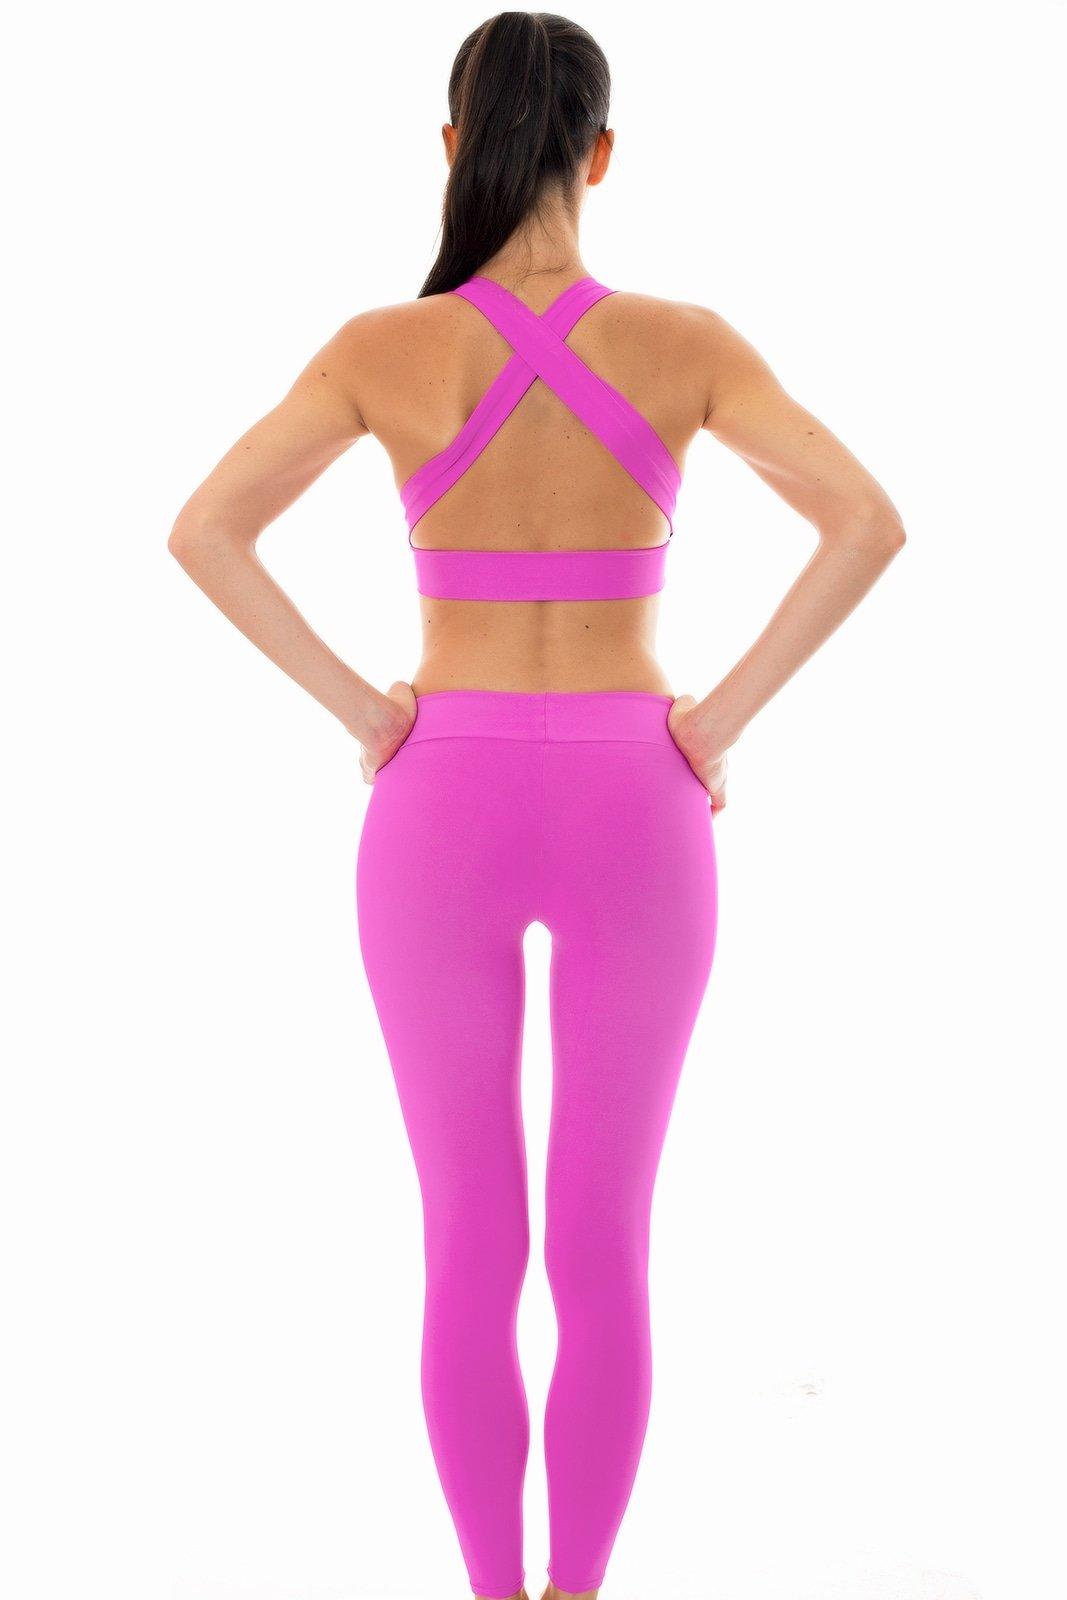 1248681ae79 Αθλητικό σύνολο με μπουστάκι και κολάν σε ροζ χρώμα - Nz Glam ...